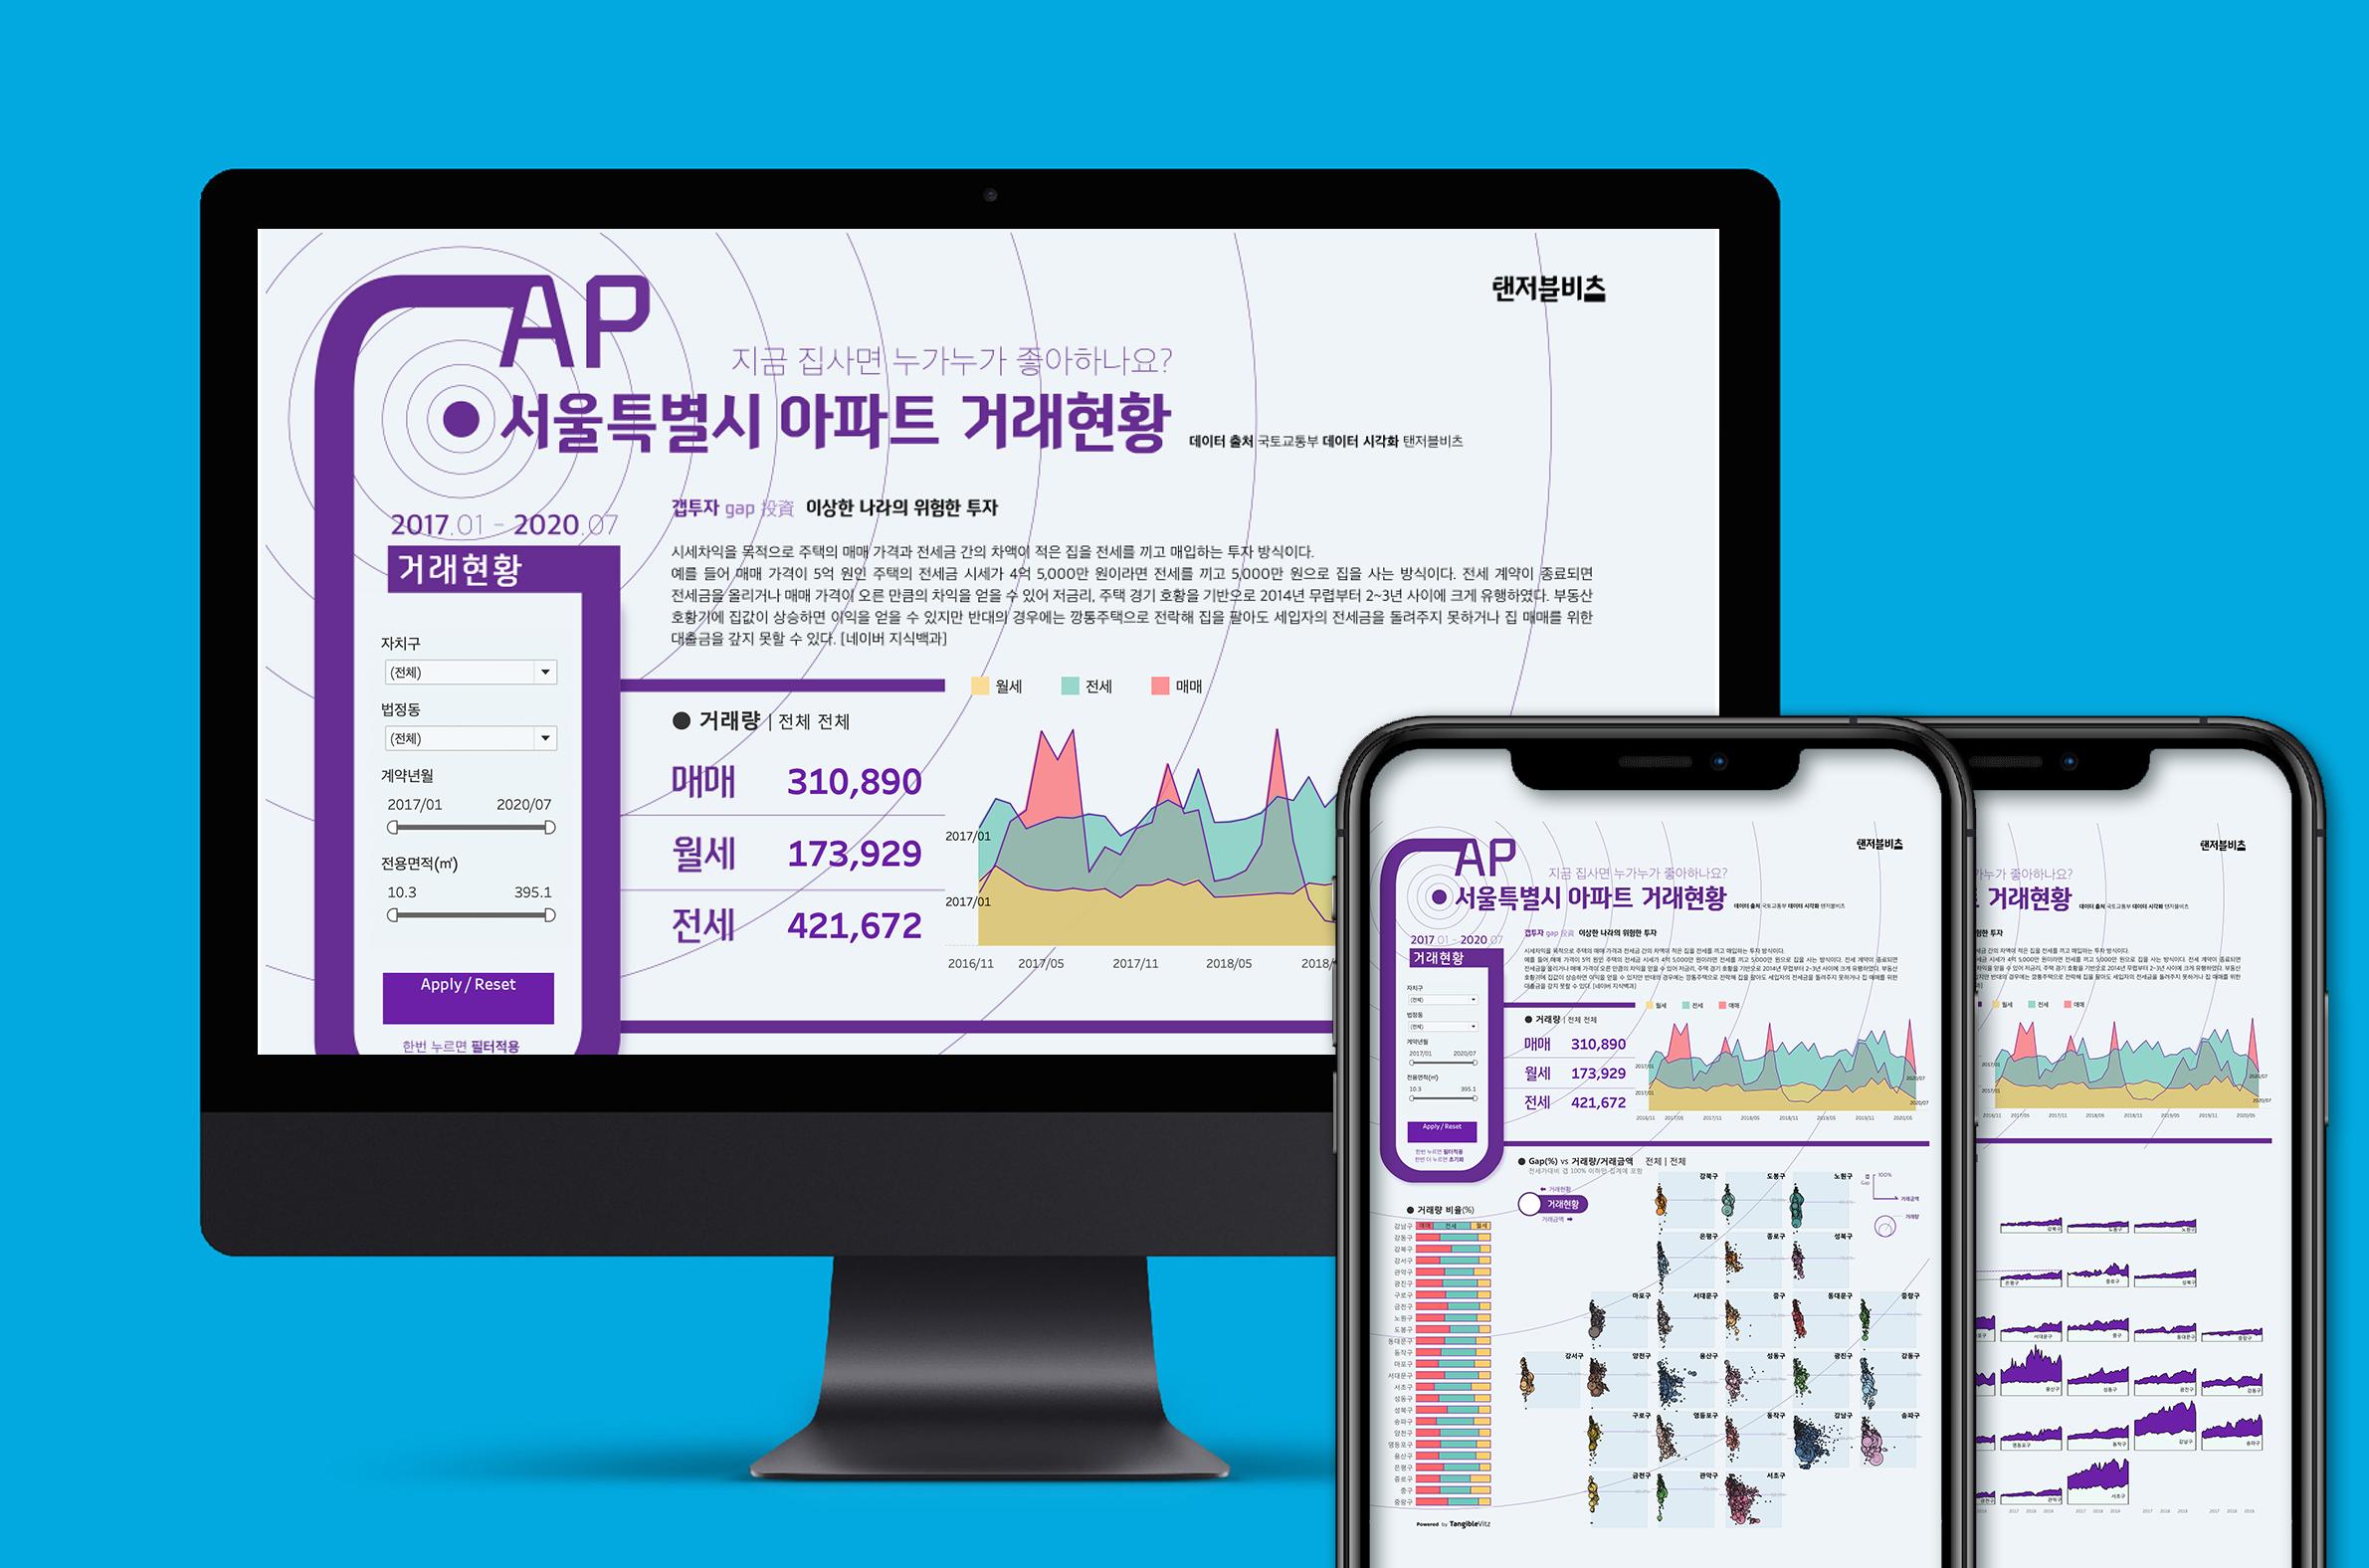 서울 아파트 거래량 2021 데이터시각화 by 탠저블비츠